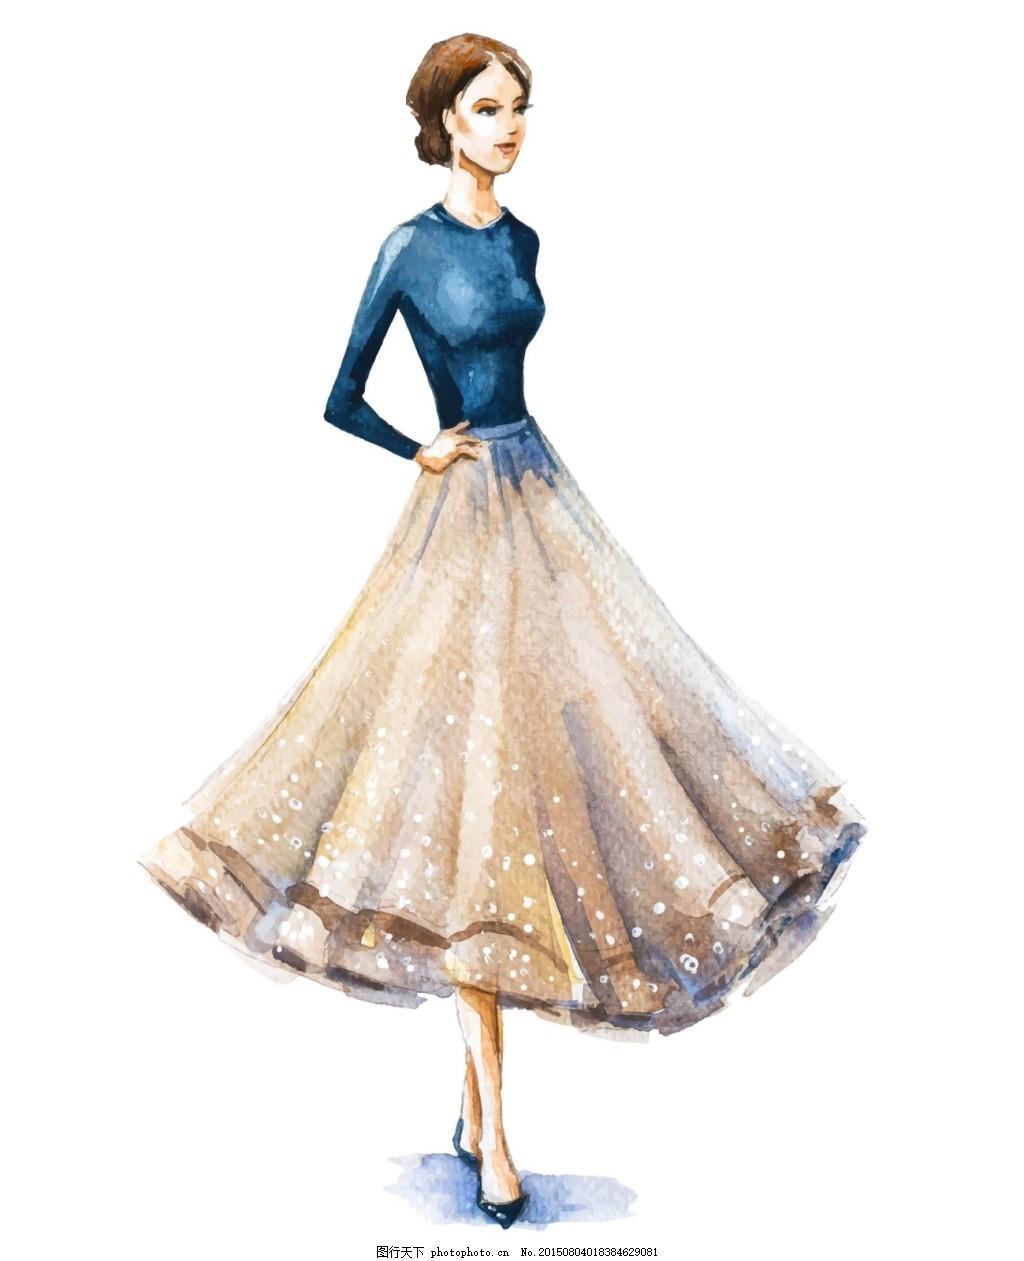 晚礼服美女 人物 手绘 美女 模特 晚礼服 ai 白色 ai